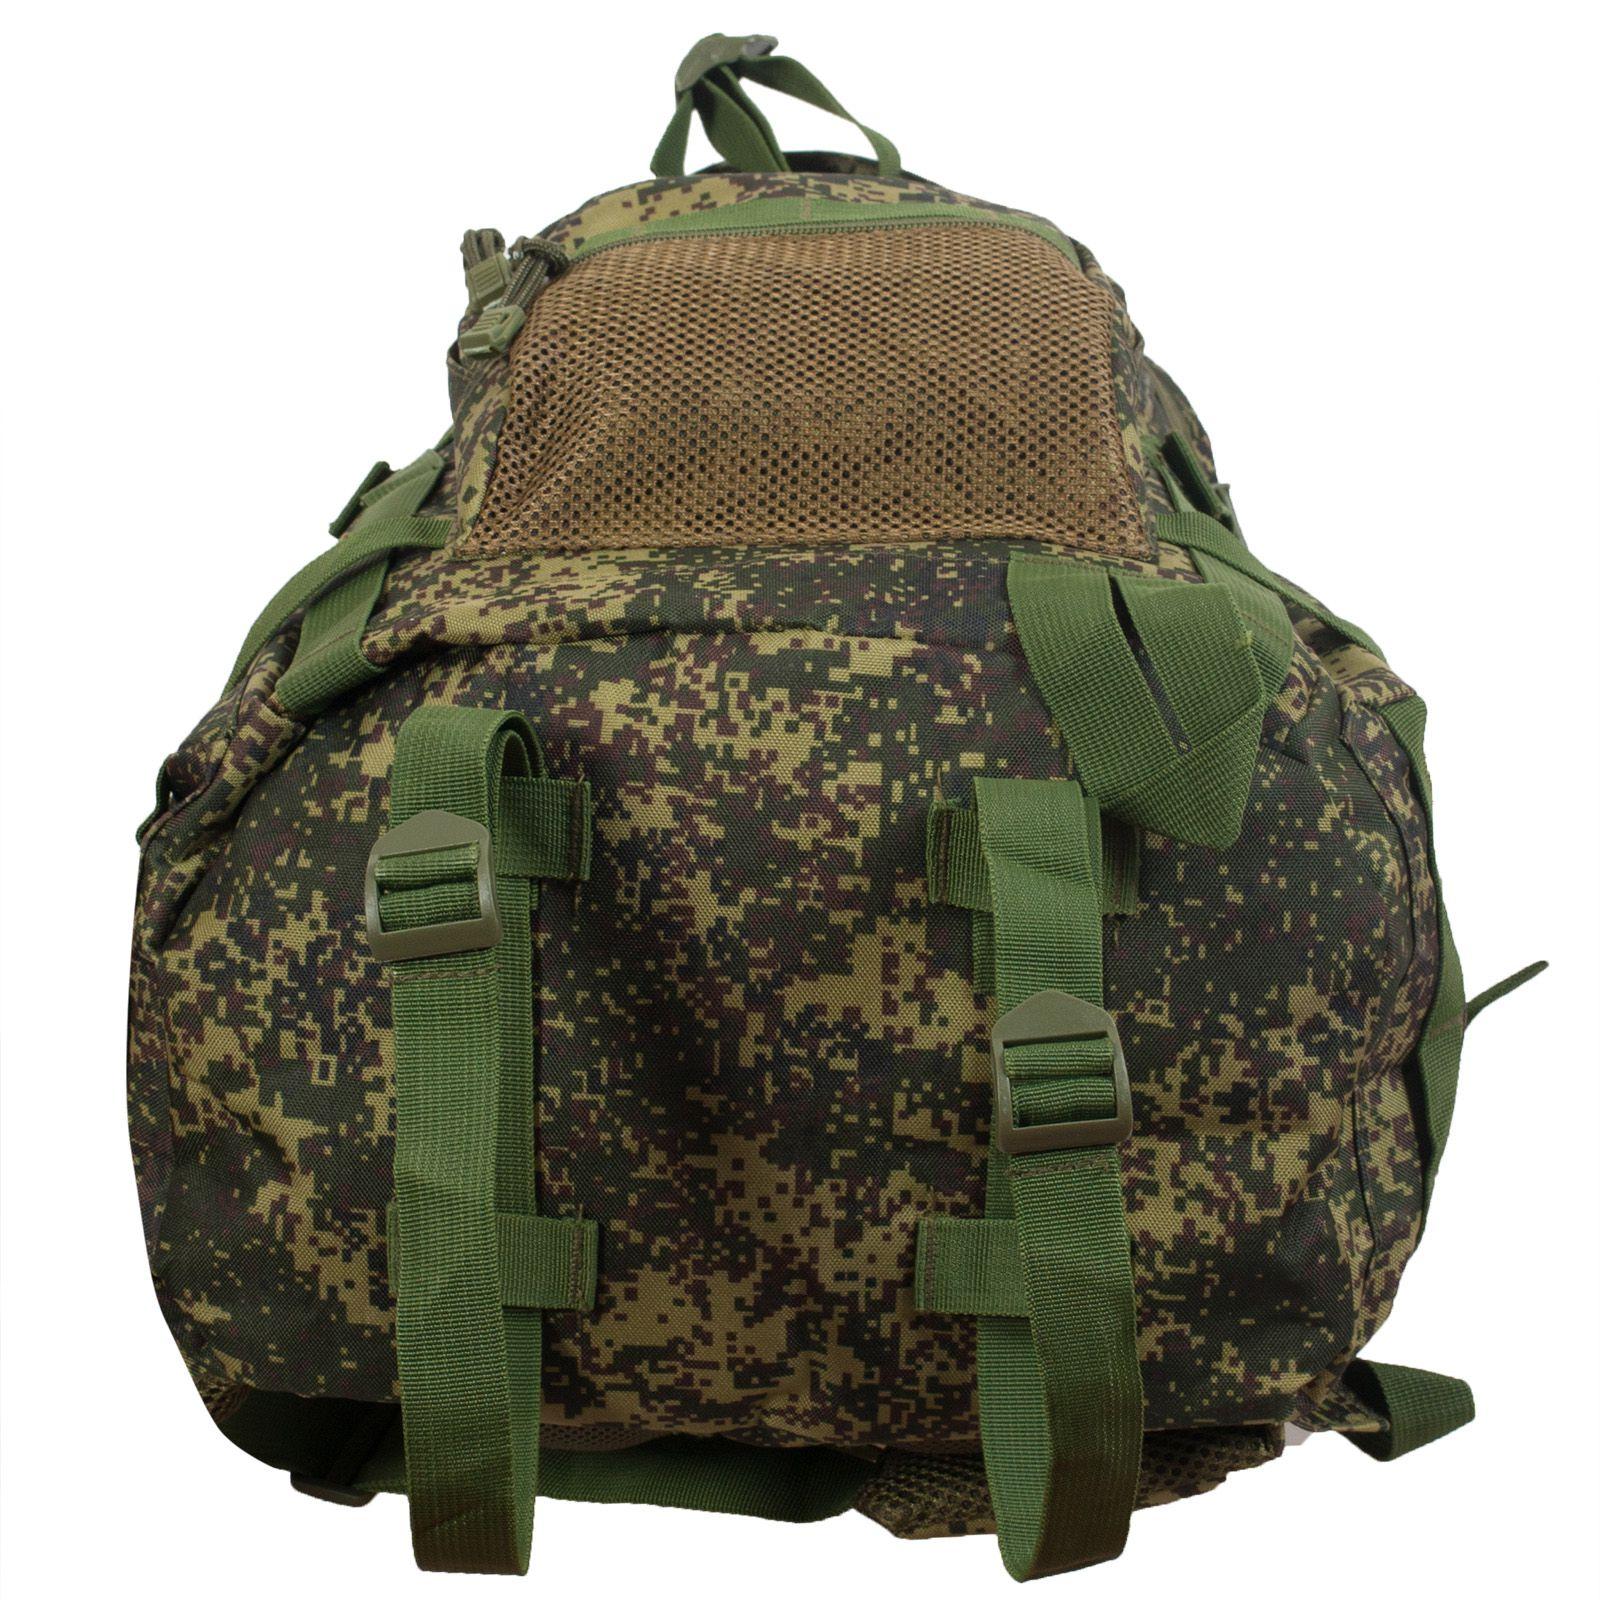 Зачетный рейдовый рюкзак с нашивкой Герб России - заказать в Военпро